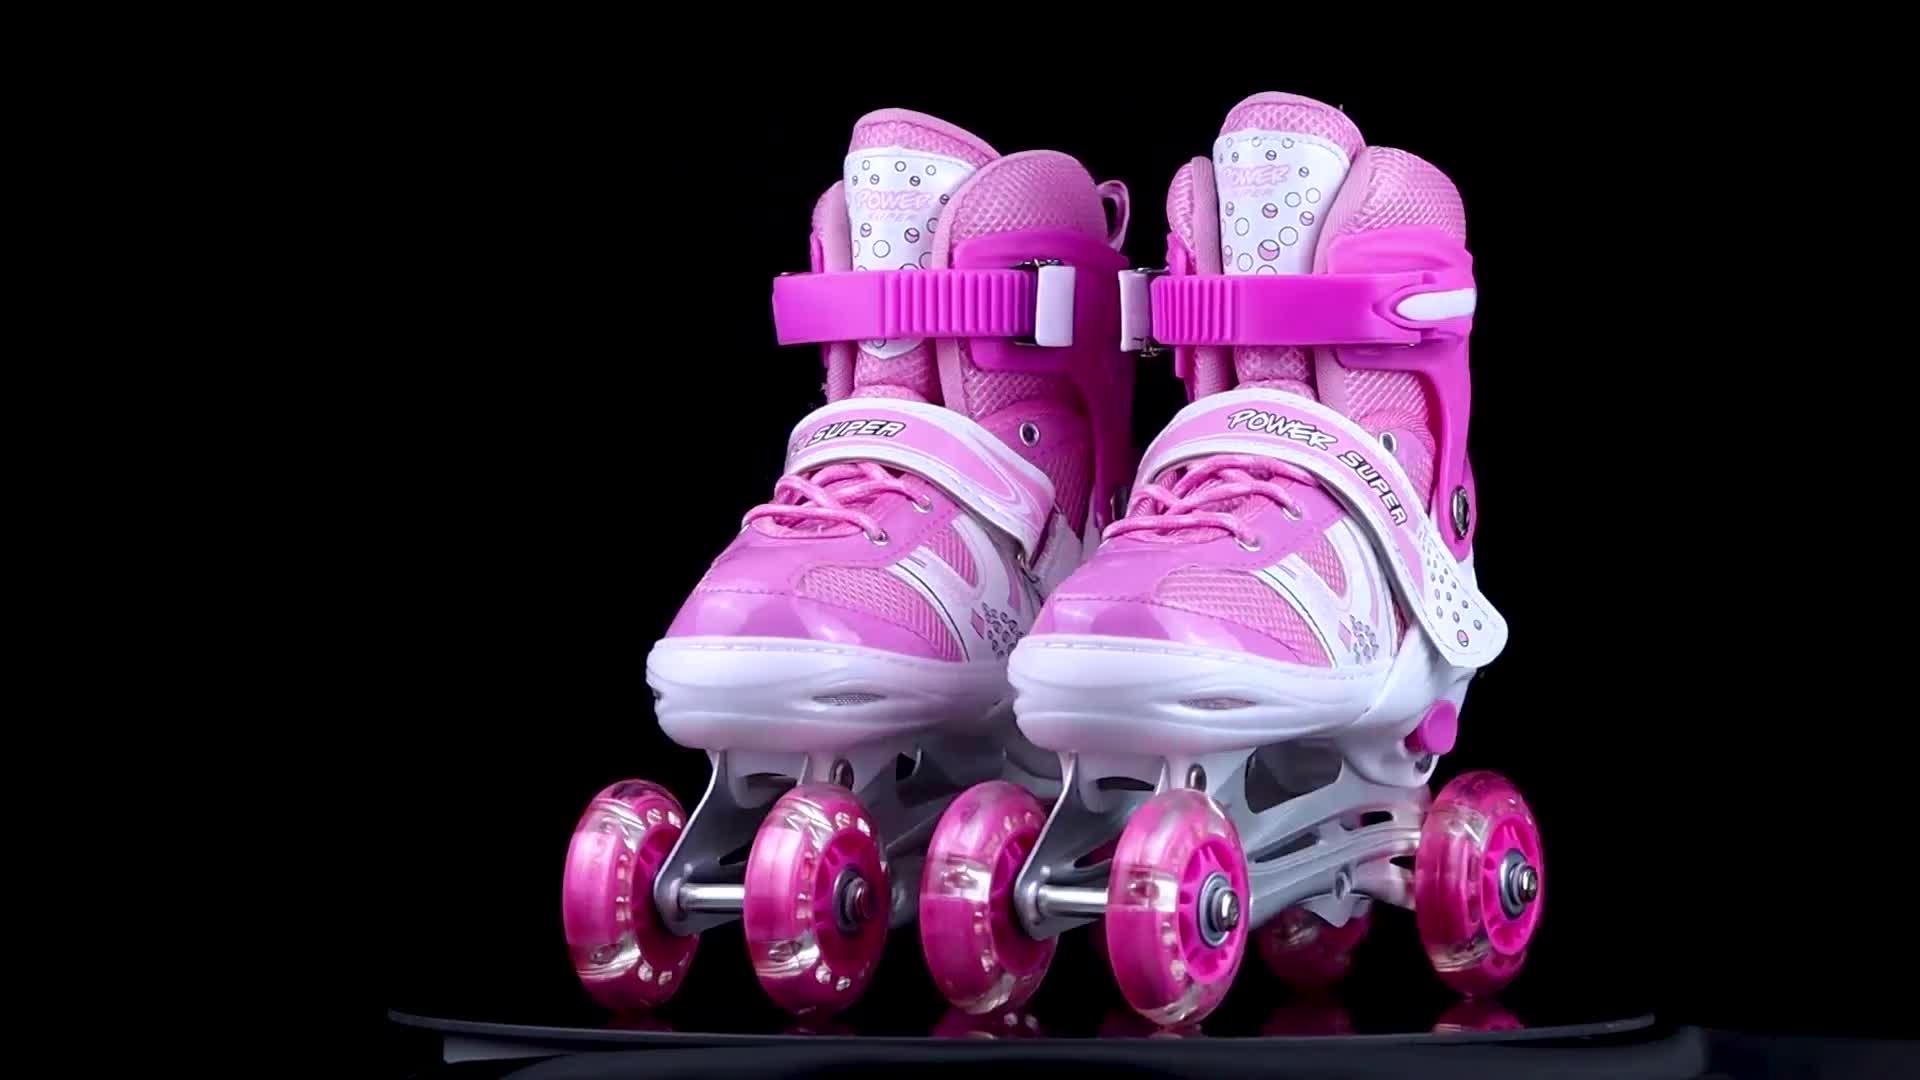 PAPAISON preço barato patins patins em linha sapatos de skate patins quad para crianças